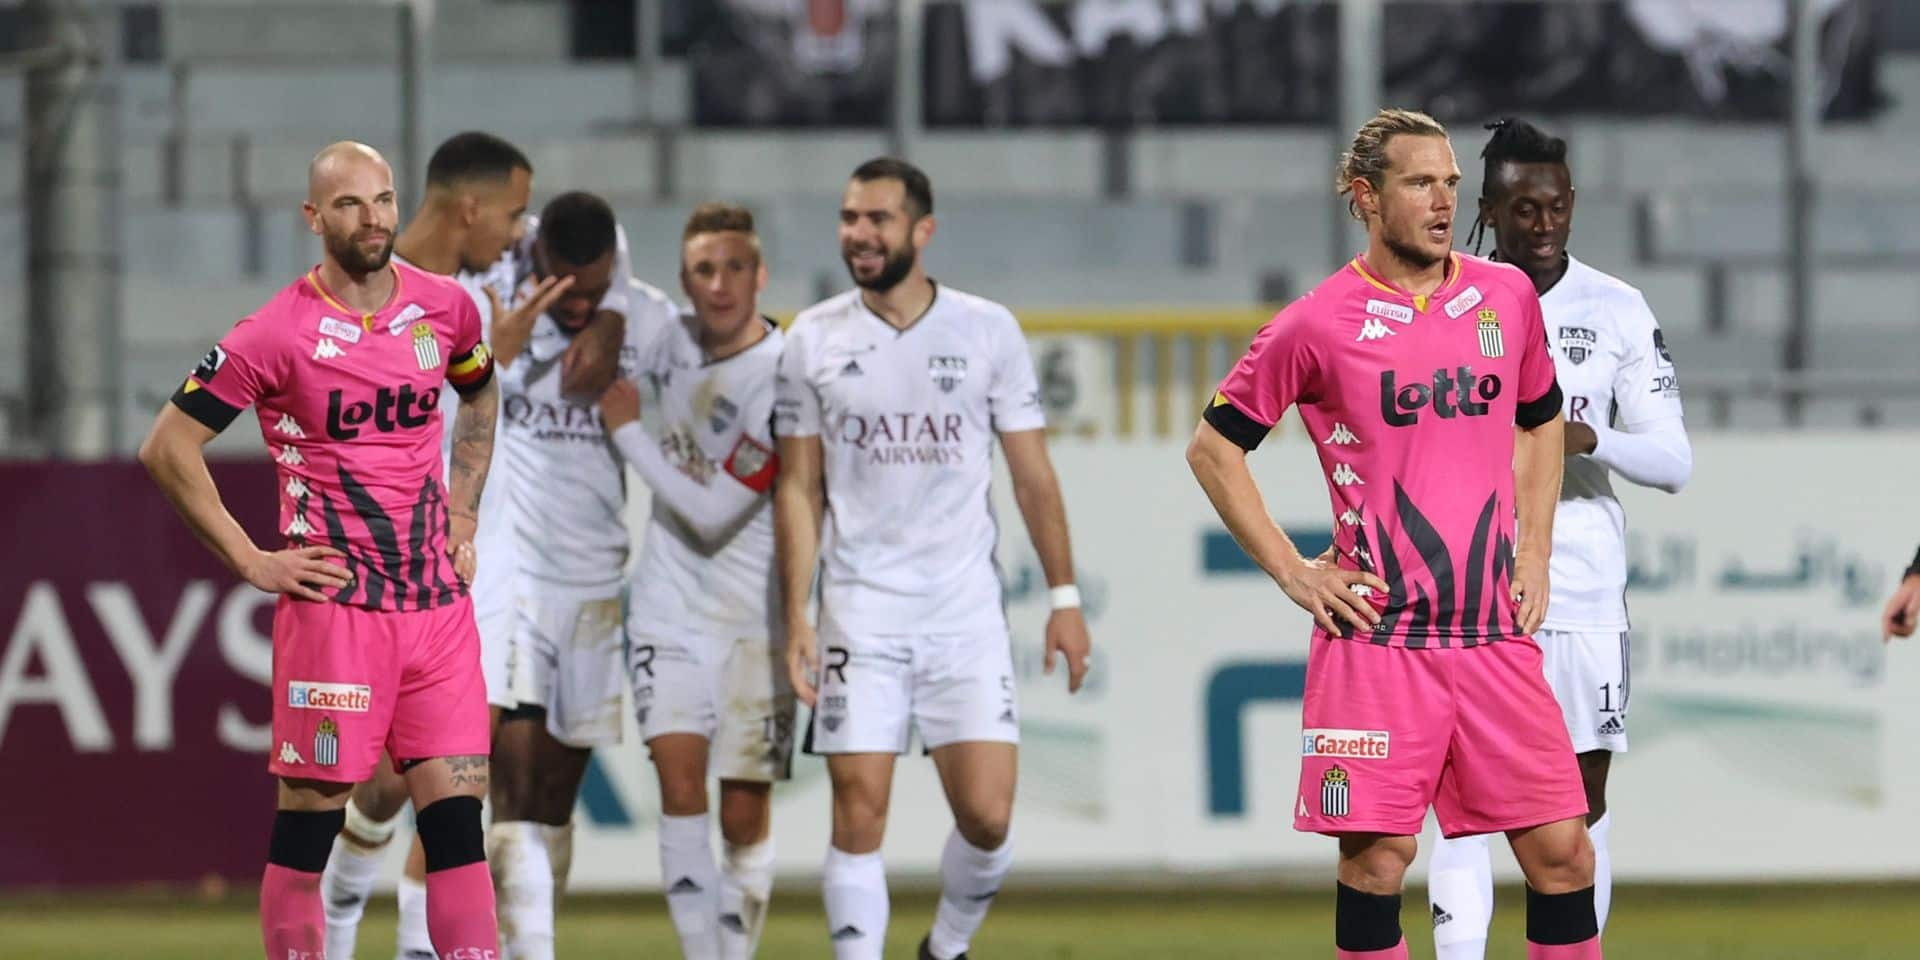 Avec une défense zébrée portée disparue, Charleroi peut dire adieu au top 4